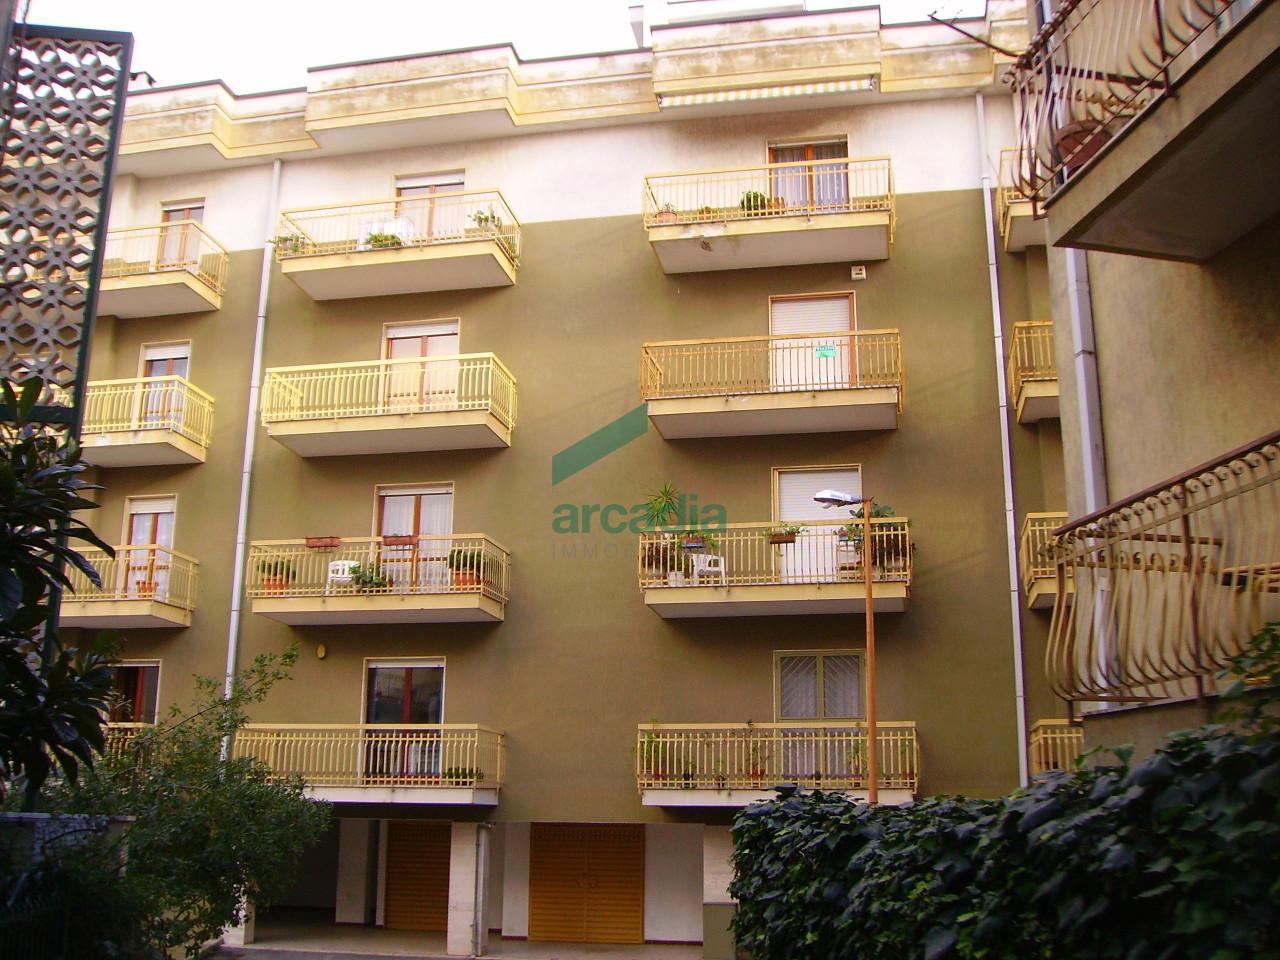 Appartamento in vendita a Toritto, 4 locali, prezzo € 125.000 | CambioCasa.it